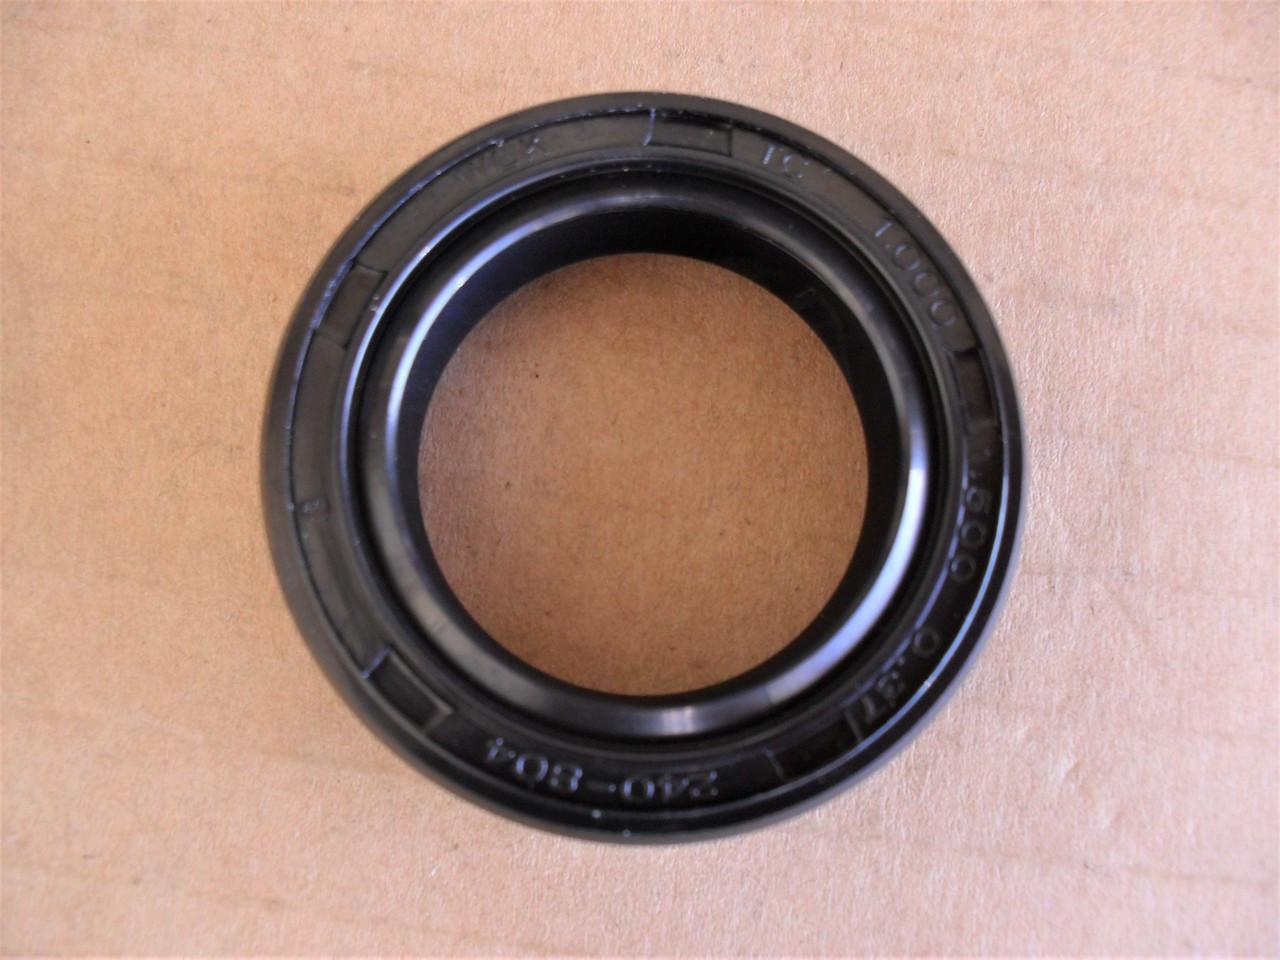 ZHLXH 2pk Wheel Axle Oil Seal for Troy Bilt Horse Tillers的 921-04031 9621 GW-9601